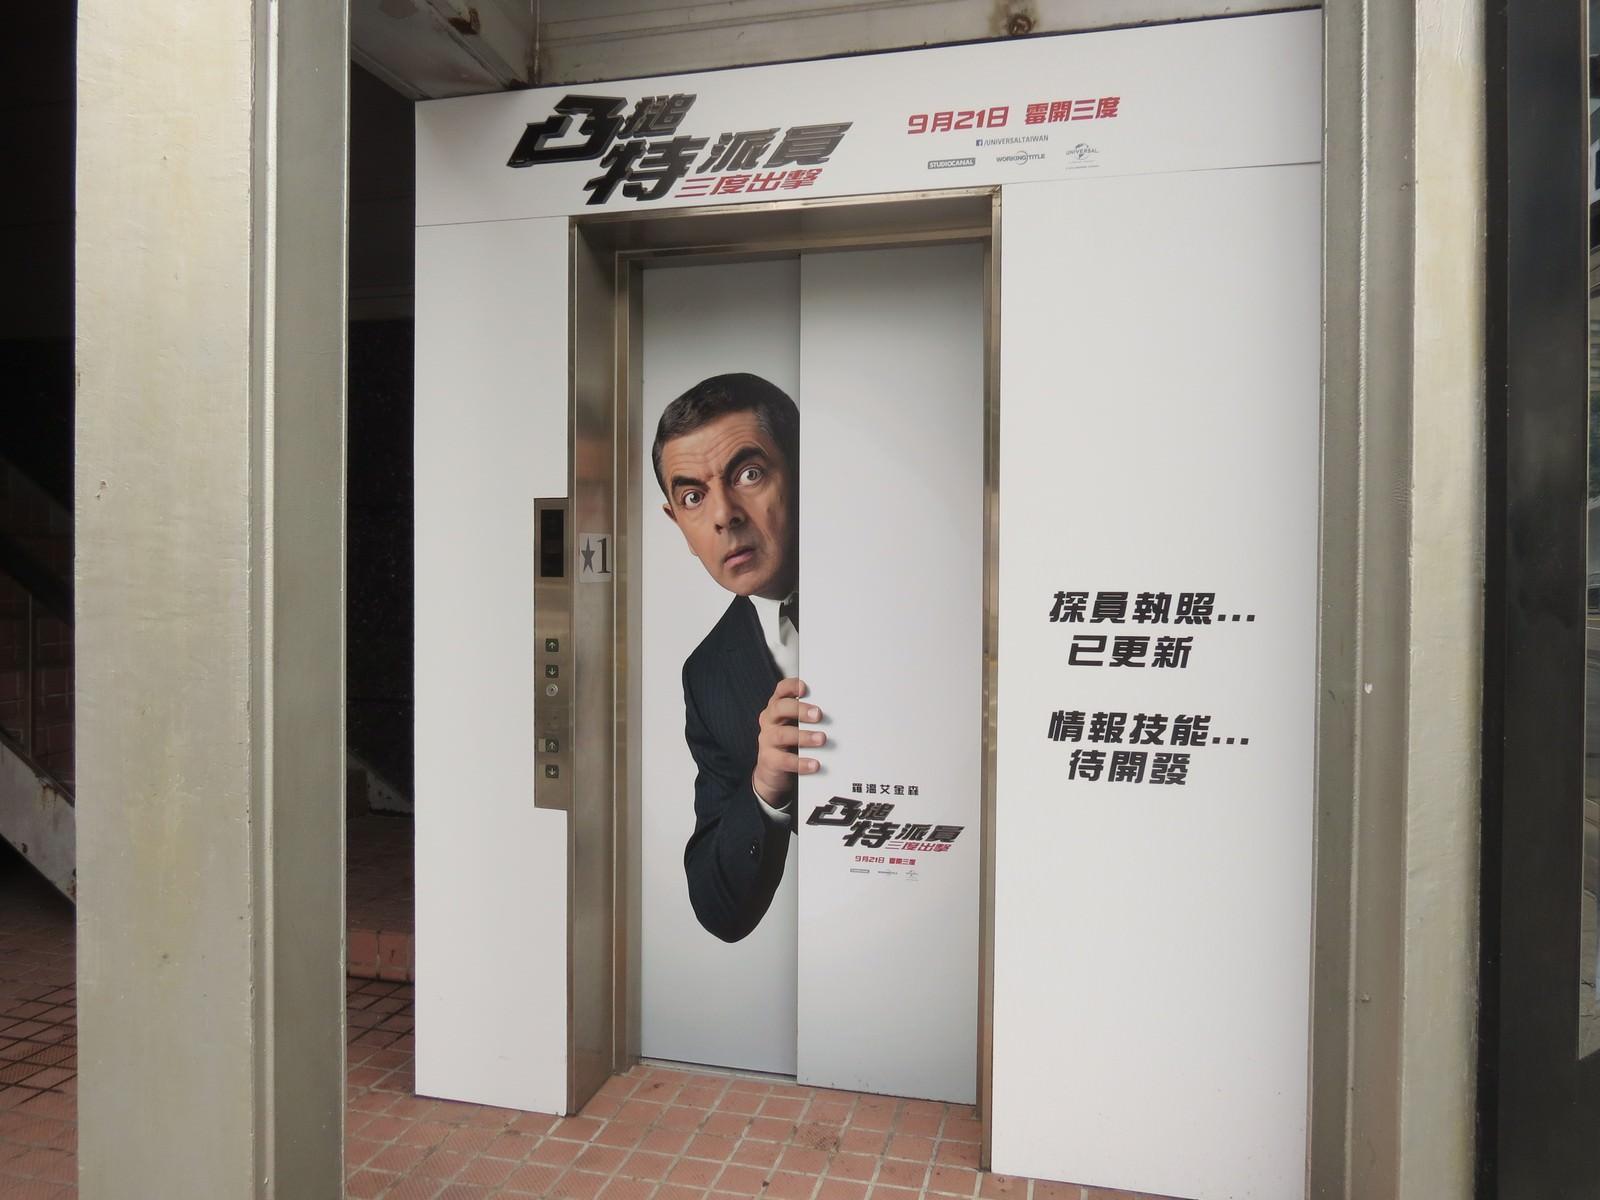 Movie, Johnny English Strikes Again(英國.法國.美國, 2018) / 凸搥特派員:三度出擊(台) / 特務戇J:神級歸位(港) / 憨豆特工3(網), 廣告看板, 信義威秀